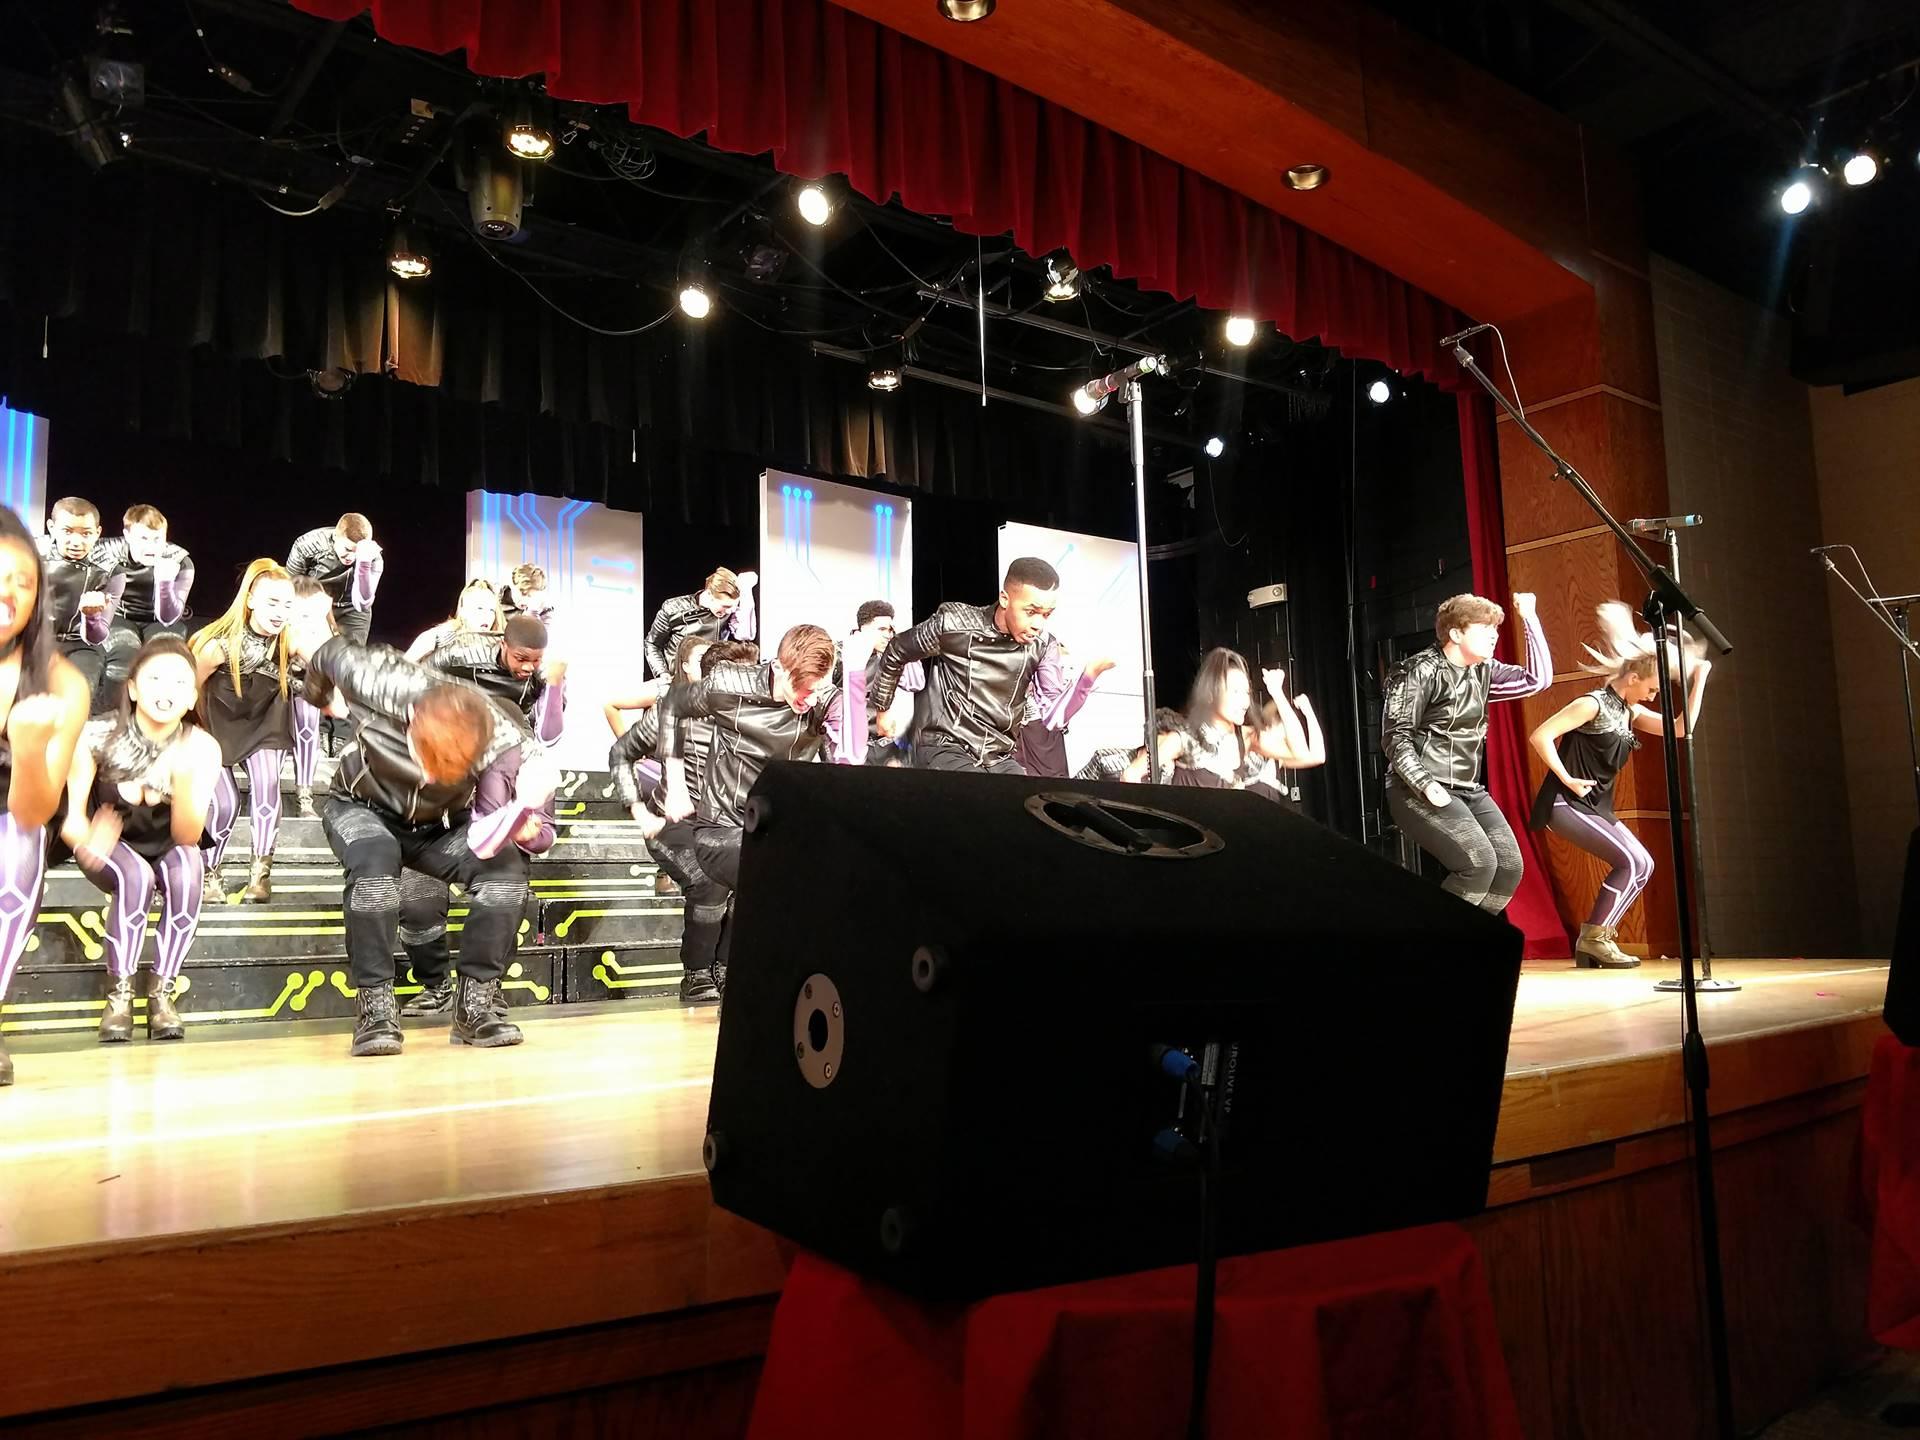 music express at Walsh Invitational